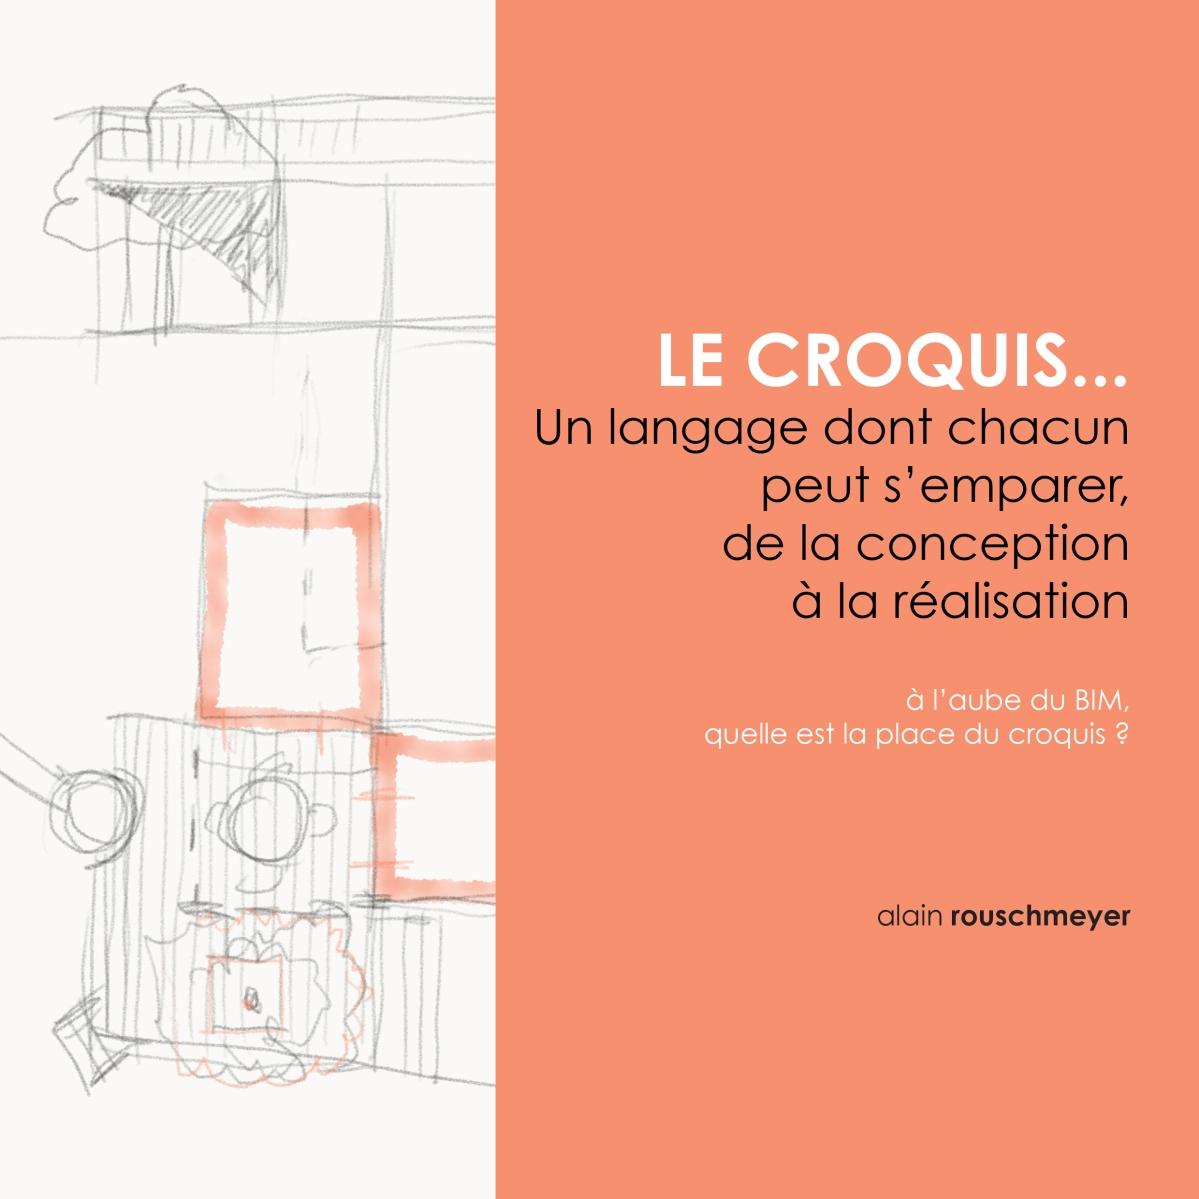 Le croquis...un langage dont chacun peut s'emparer, de la conception à la réalisation.